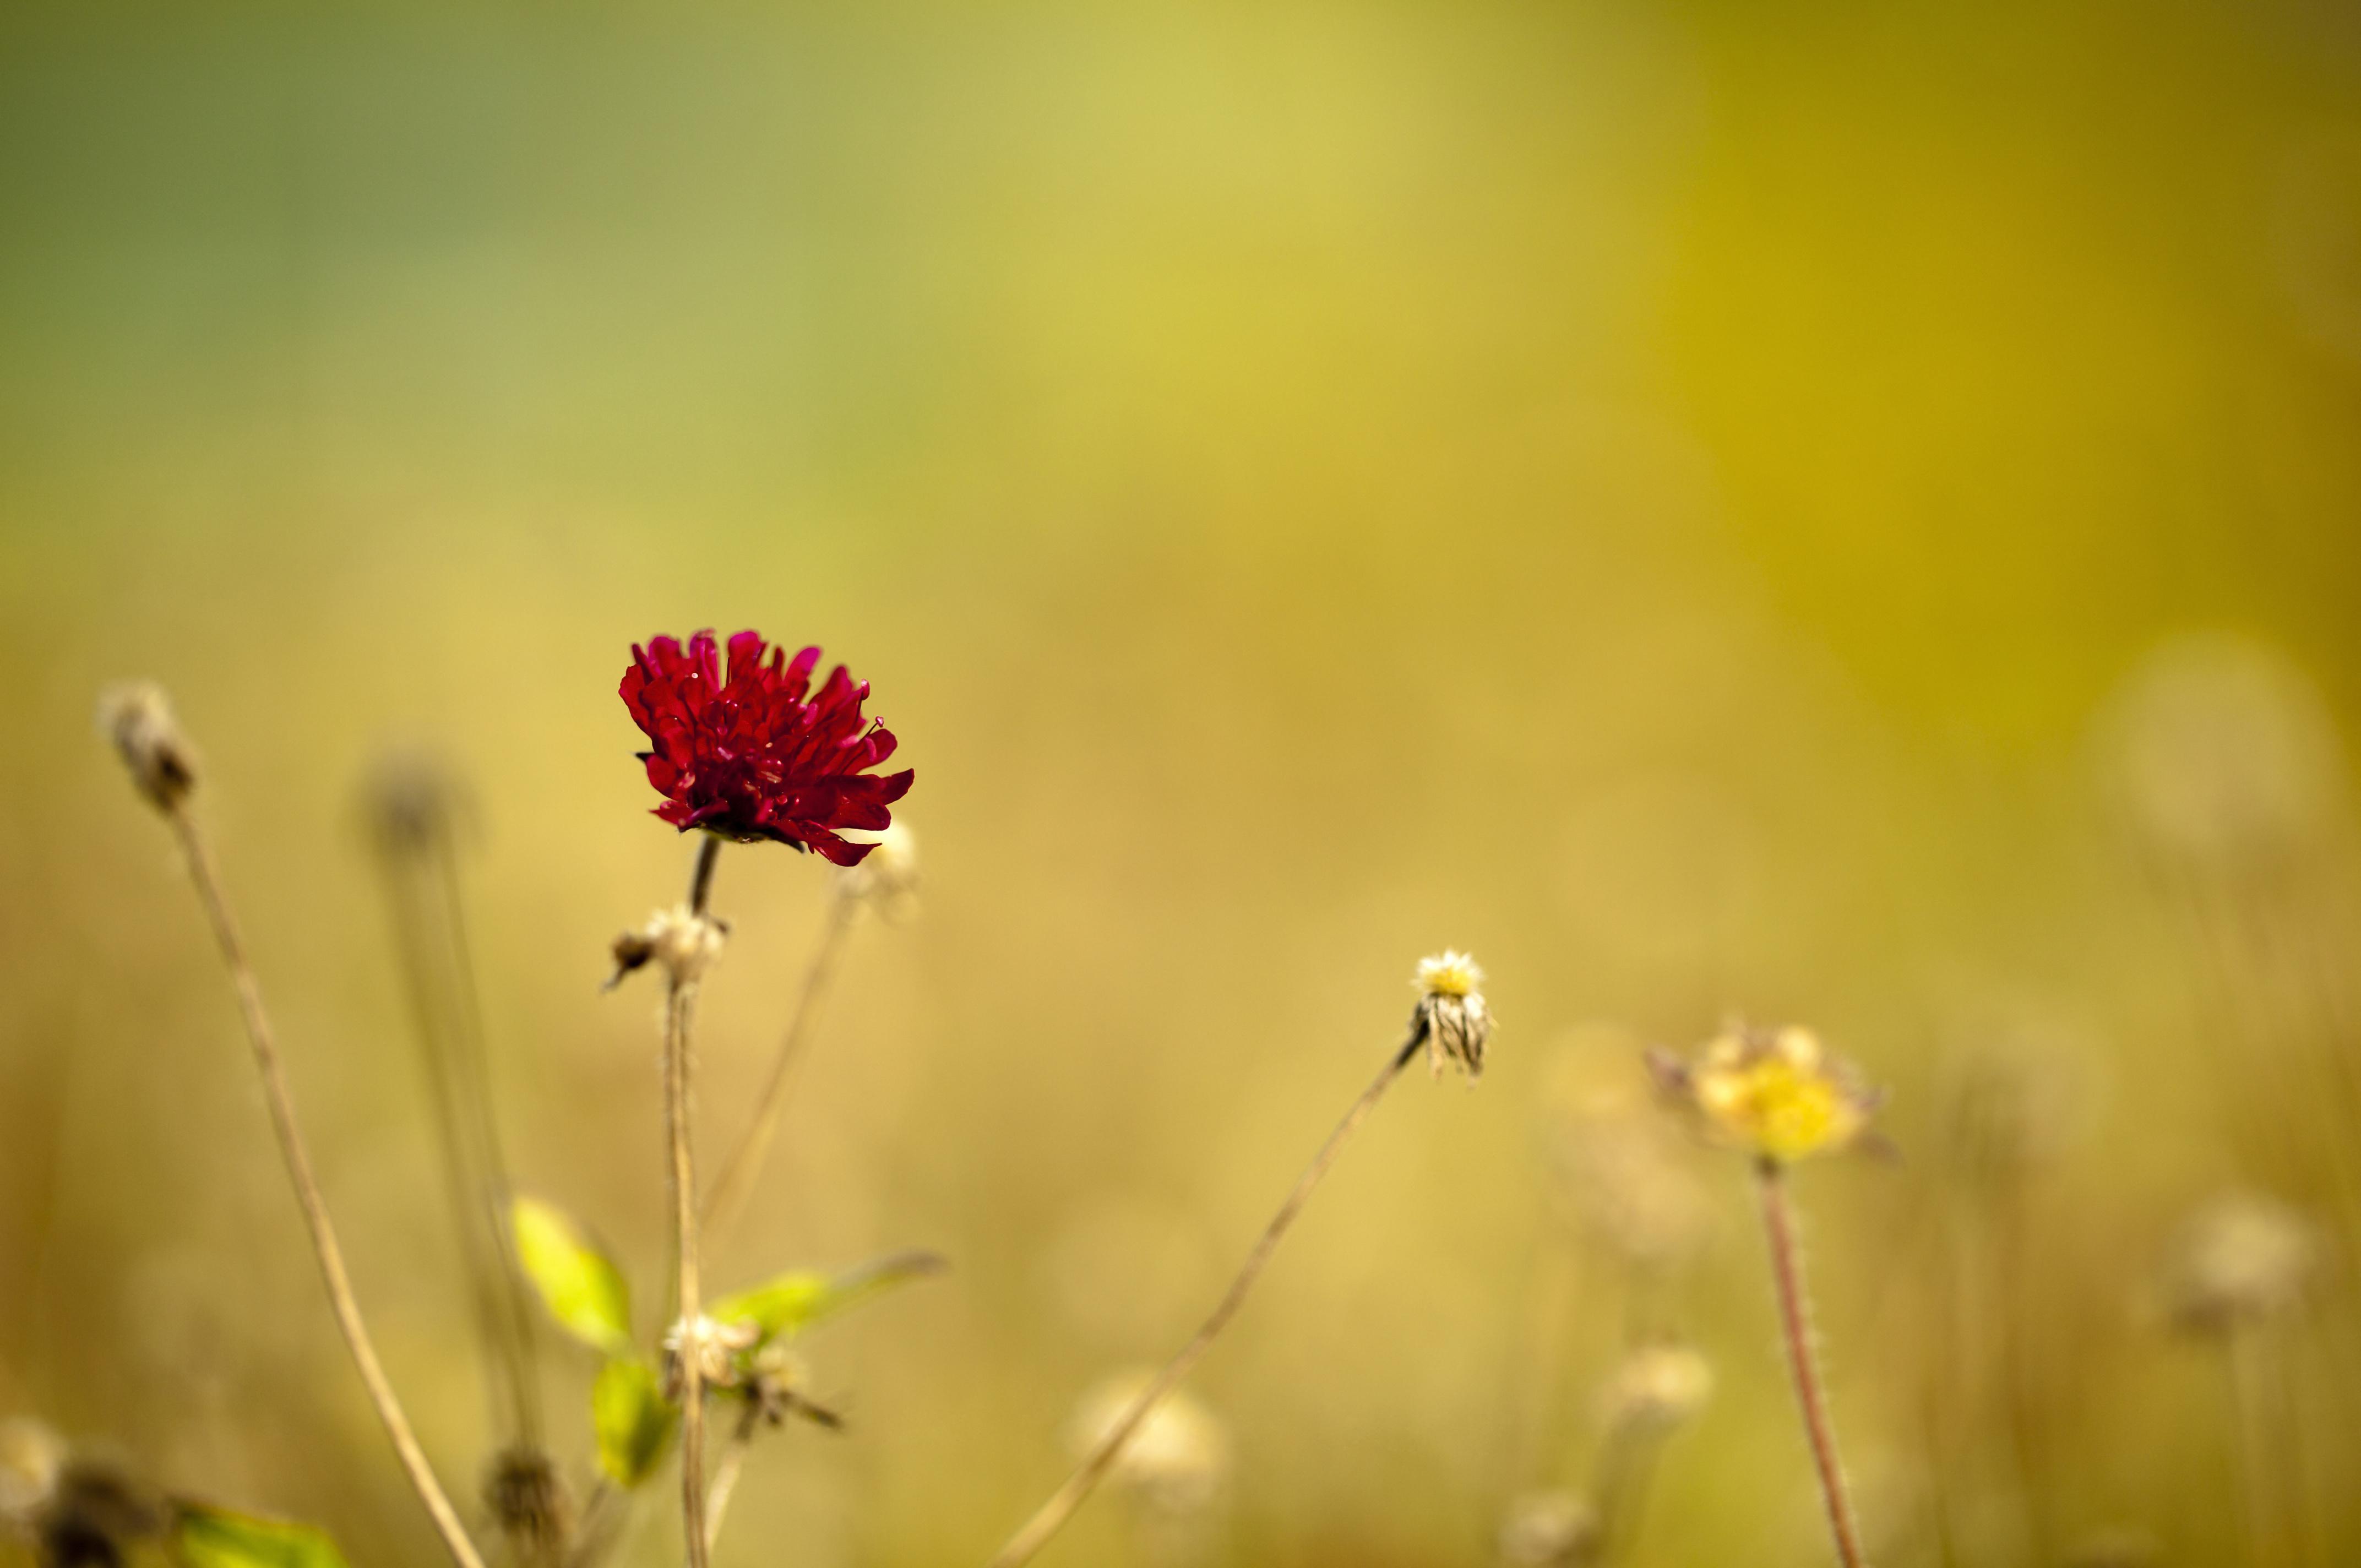 природа красный цветок макро без смс